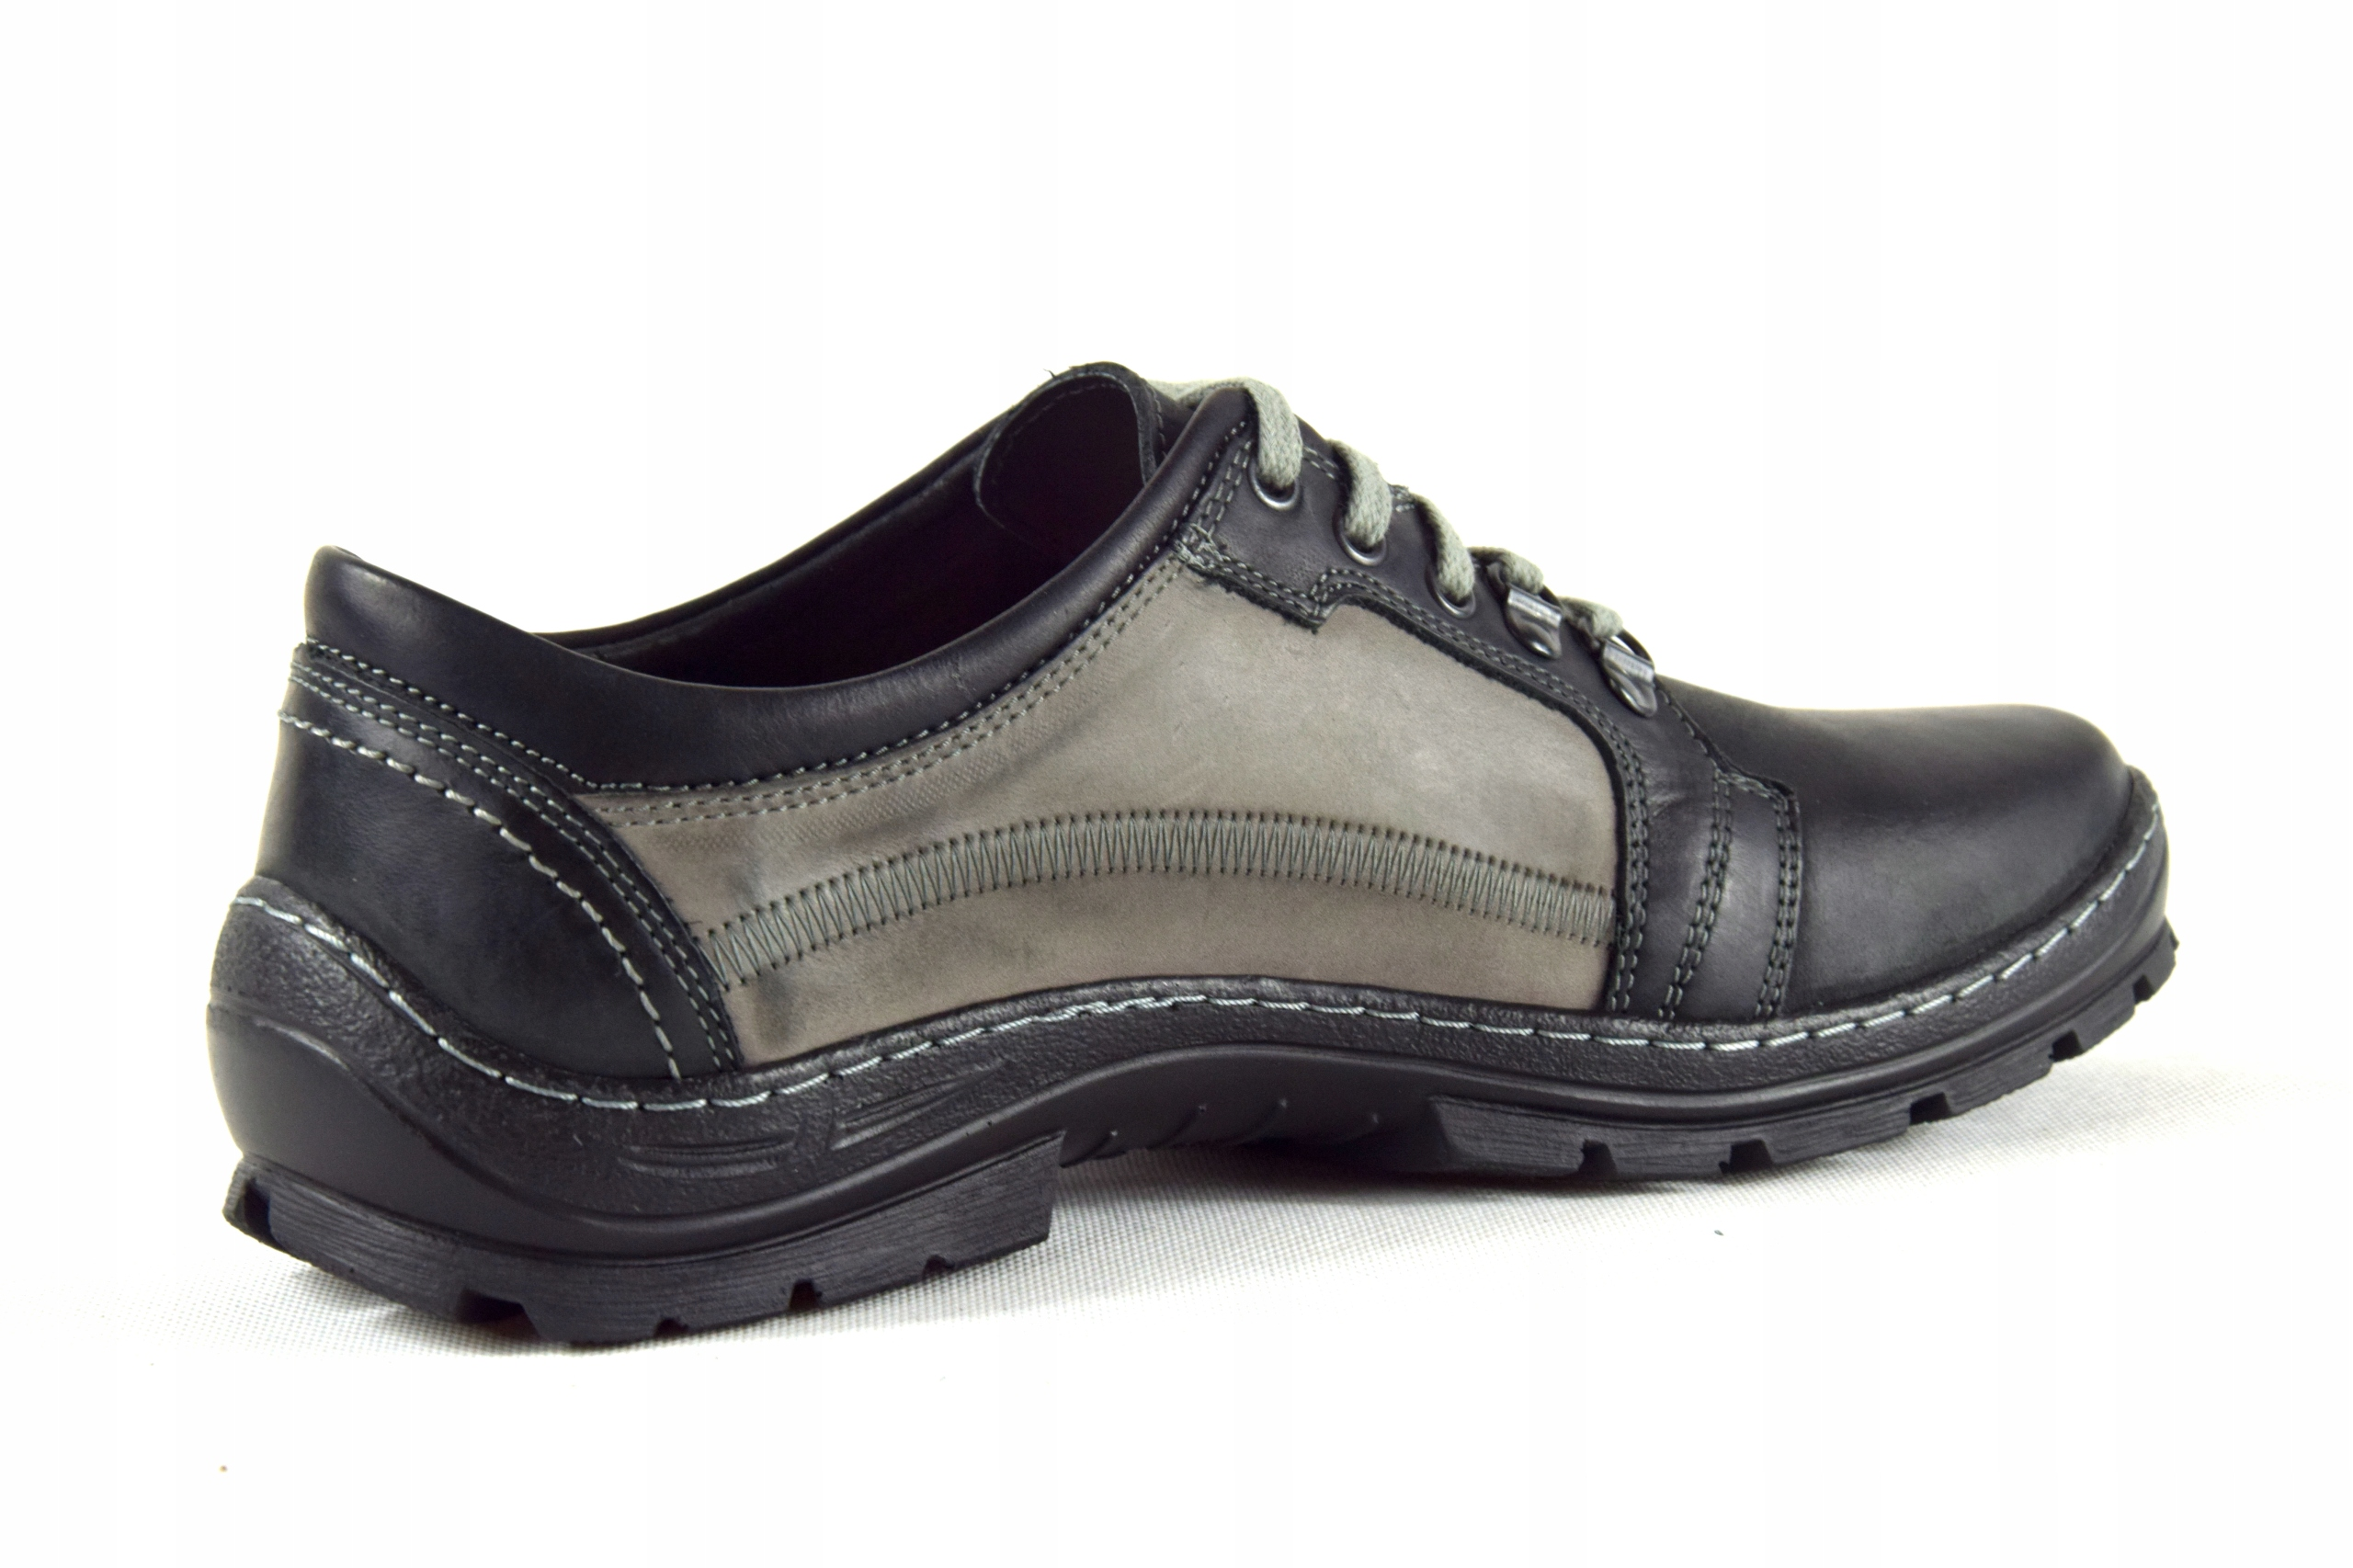 Półbuty trekkingowe męskie buty skórzane PL 192 Długość wkładki 27 cm